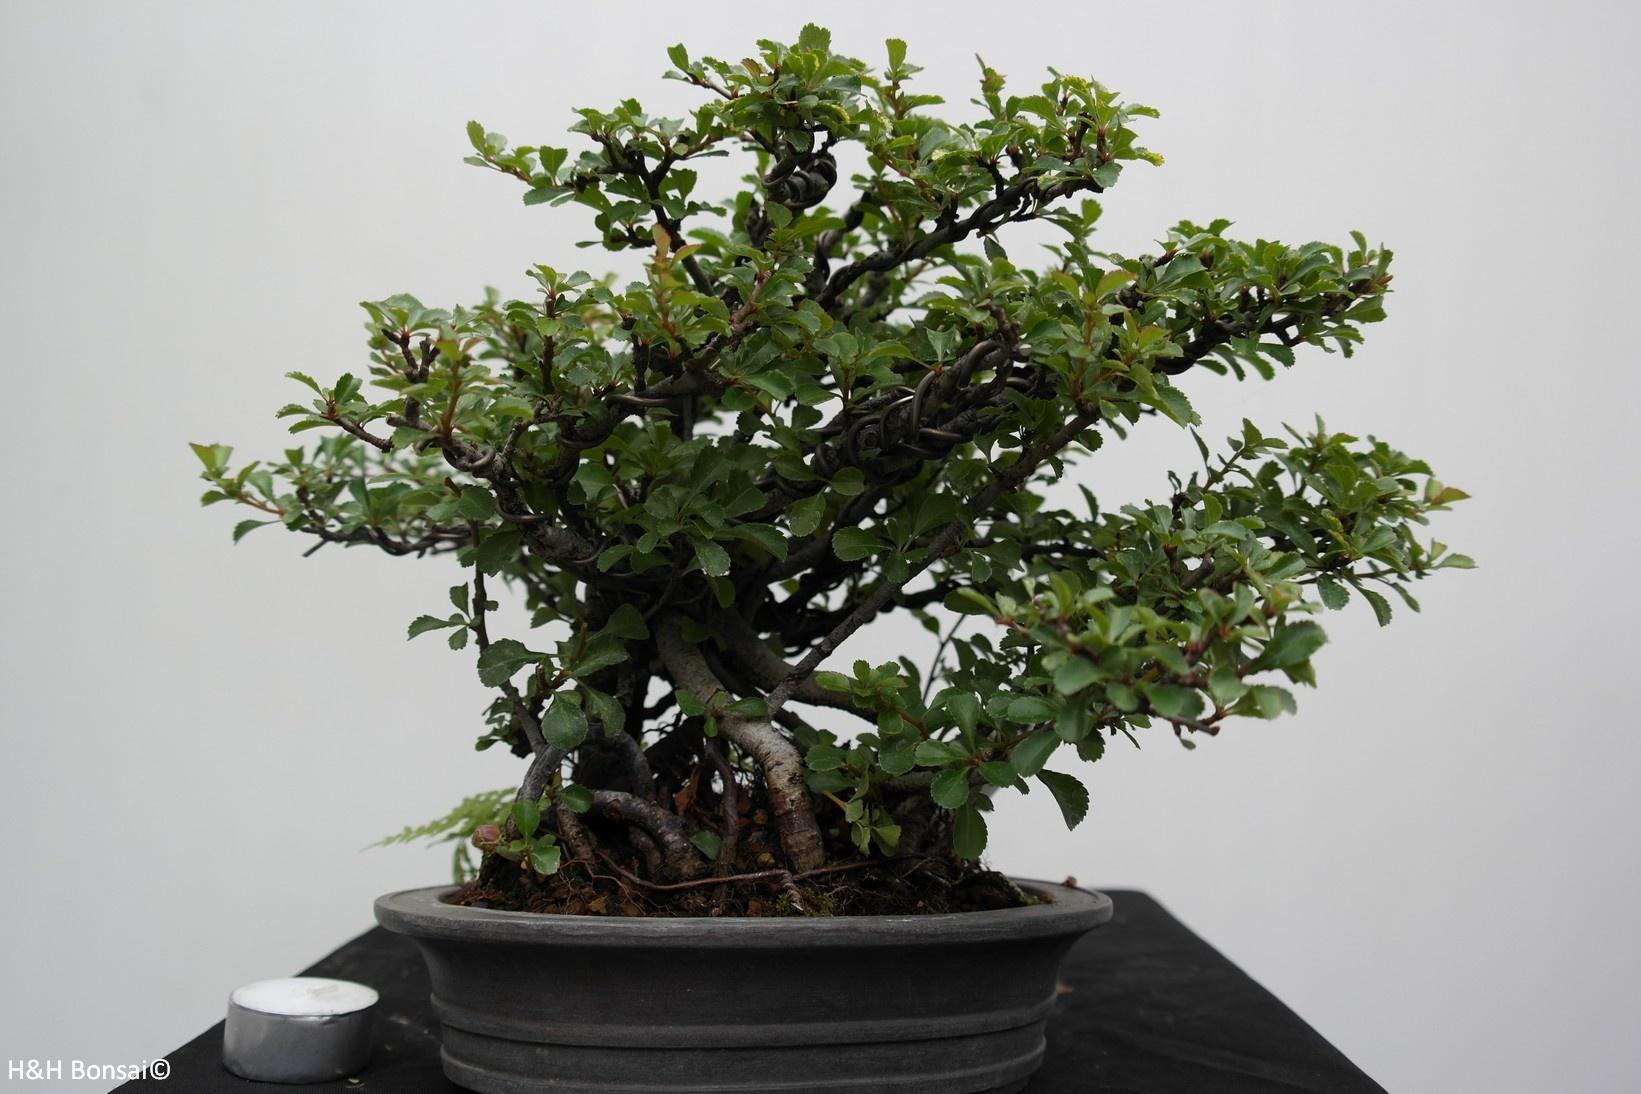 Bonsai Cotogno giapponese, Chaenomeles japonica, no. 7796